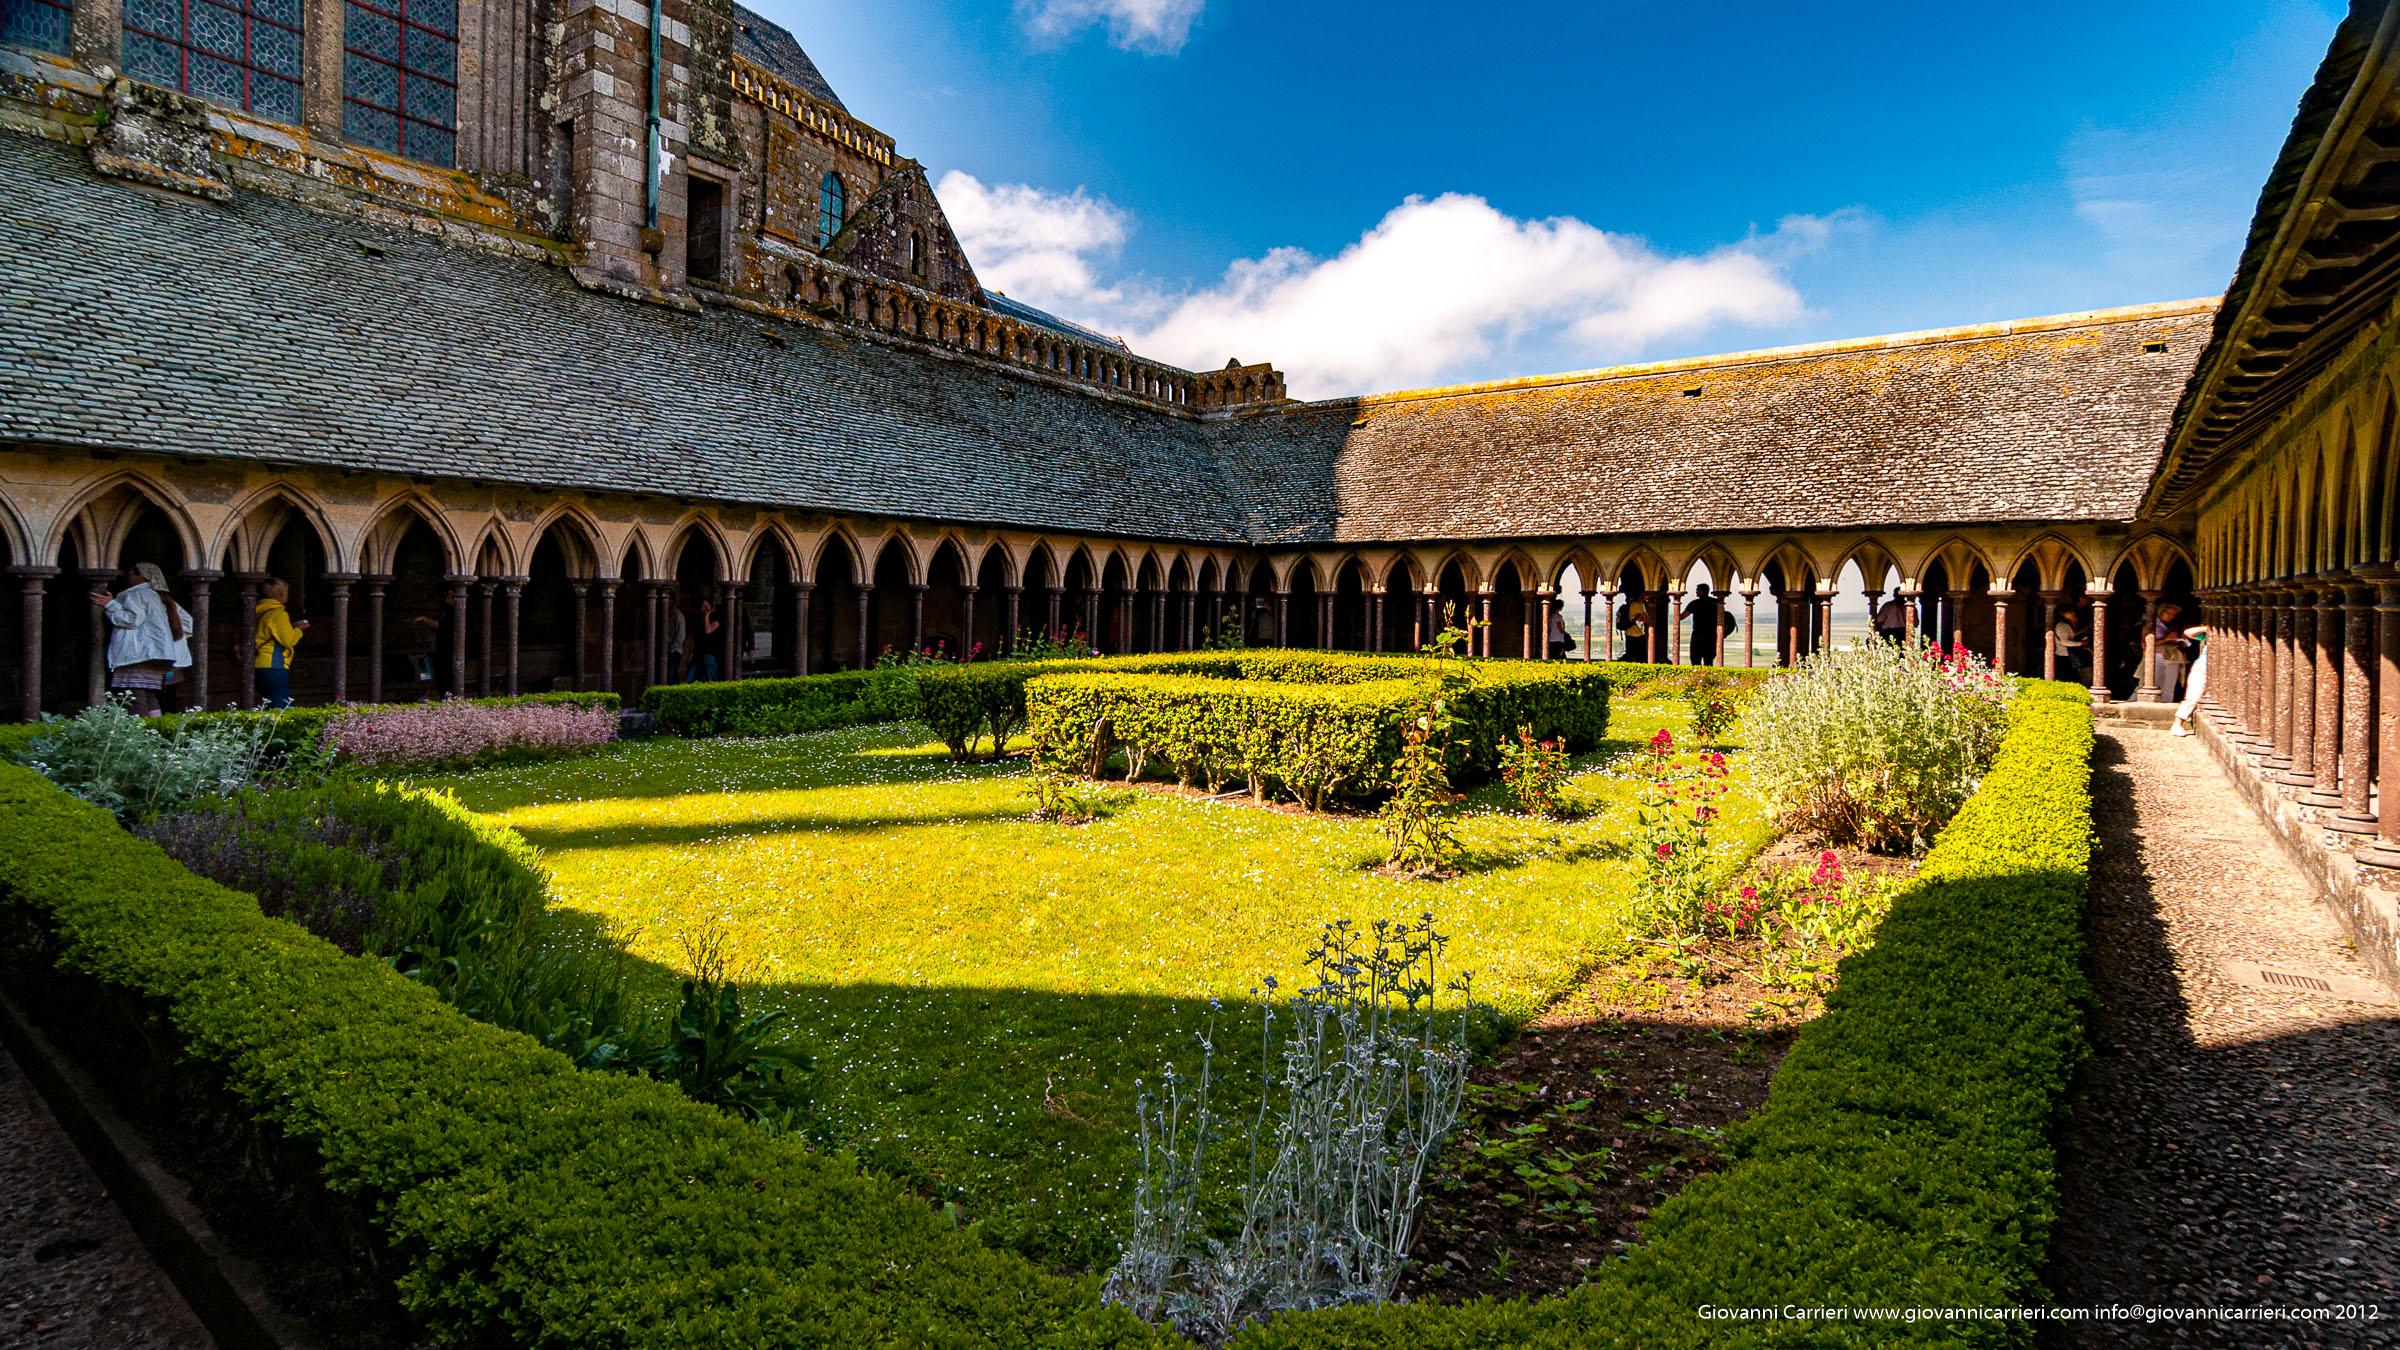 Il chiostro dell'abbazia di San Michele Arcangelo